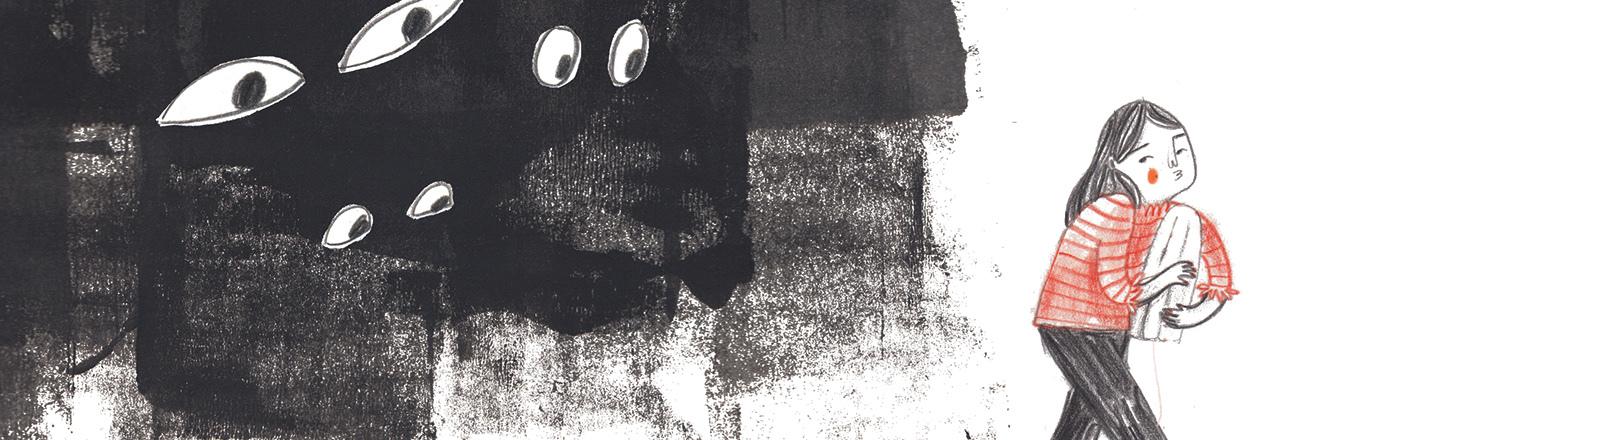 Szene aus dem Comic: Mädchen mit Tampon